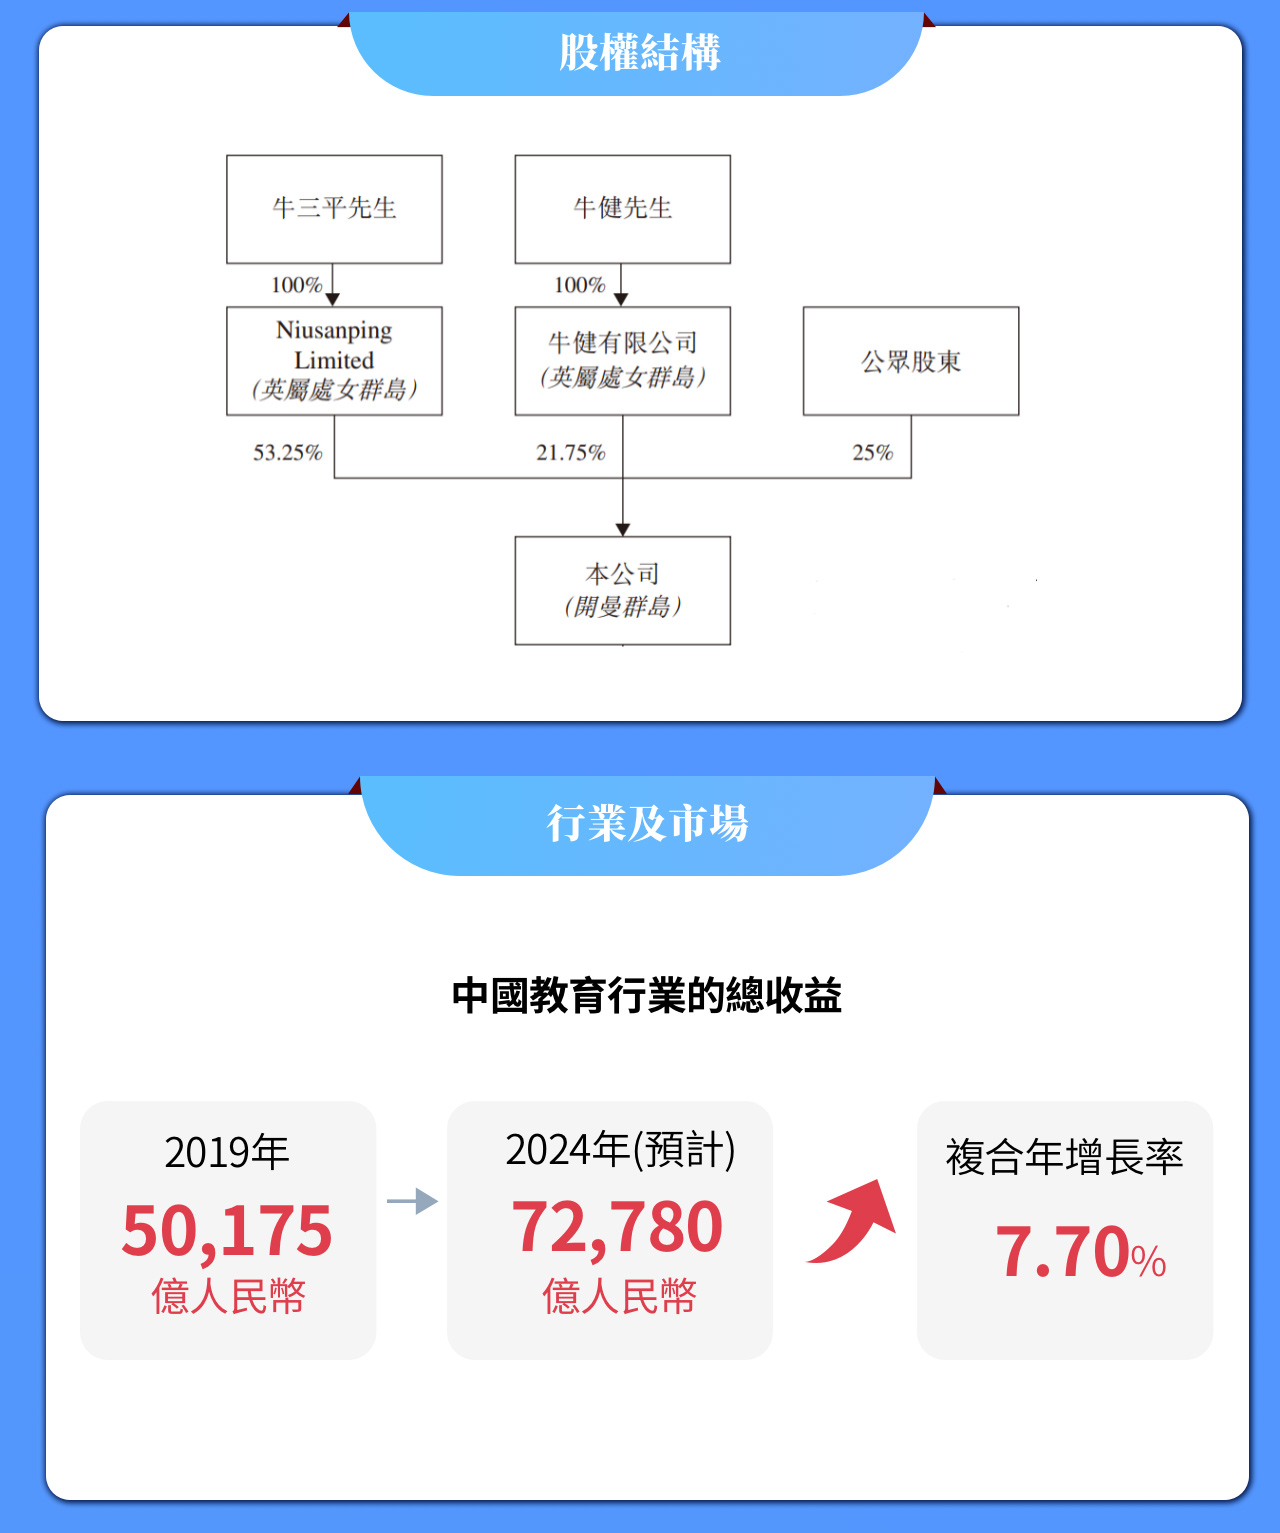 02175-中國通才教育_05.jpg